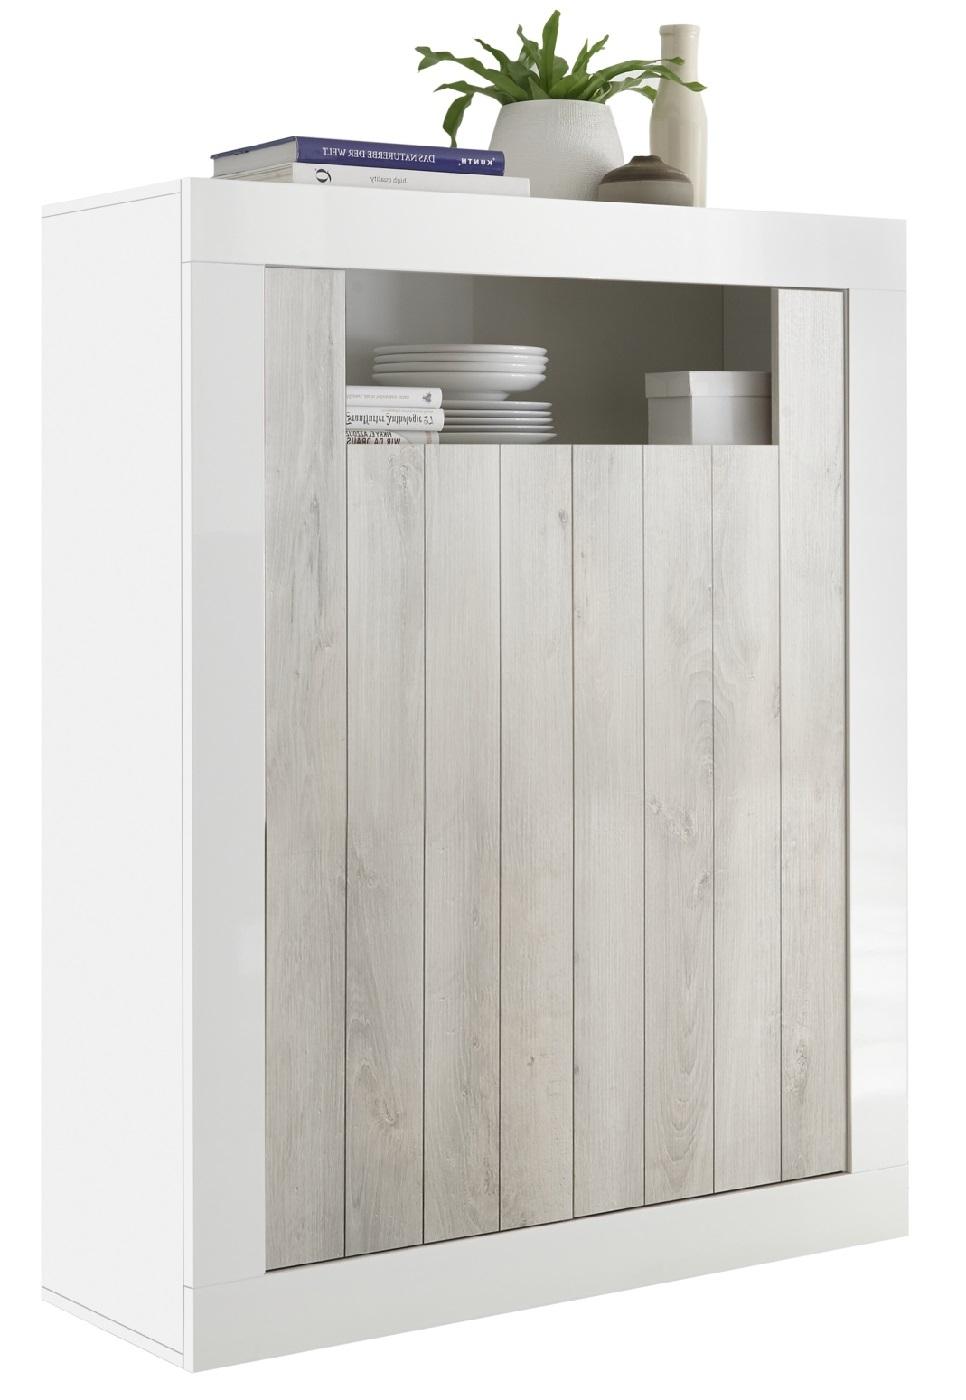 Opbergkast Urbino 144 cm hoog in hoogglans wit met grenen wit